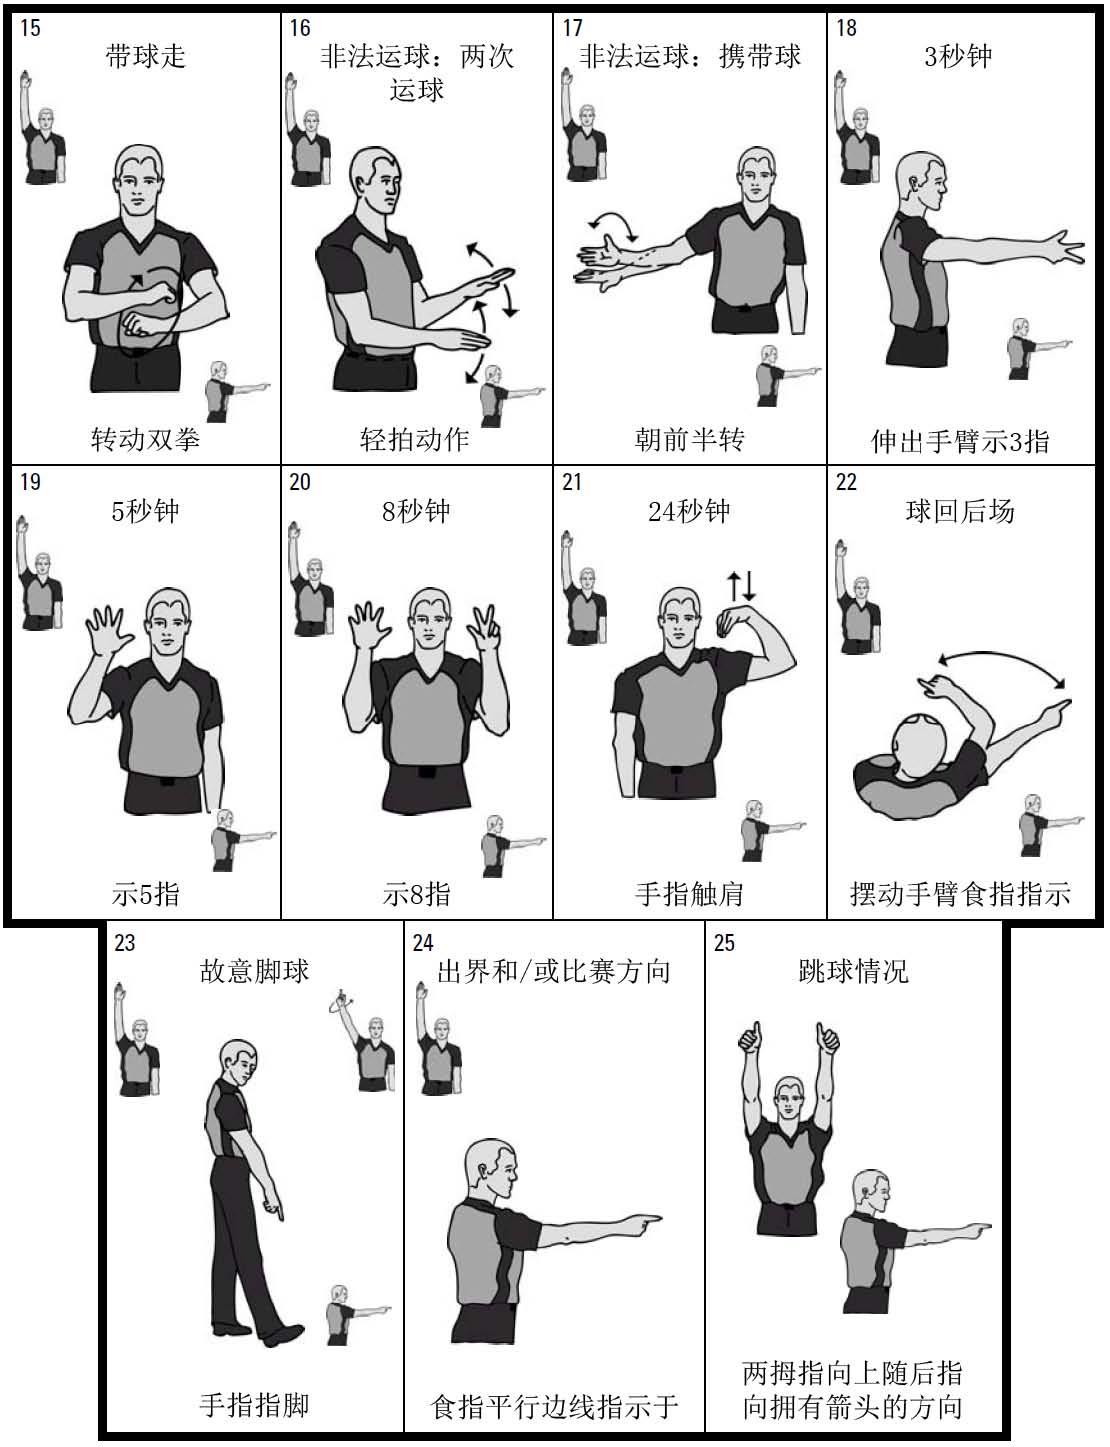 篮球规则手势_